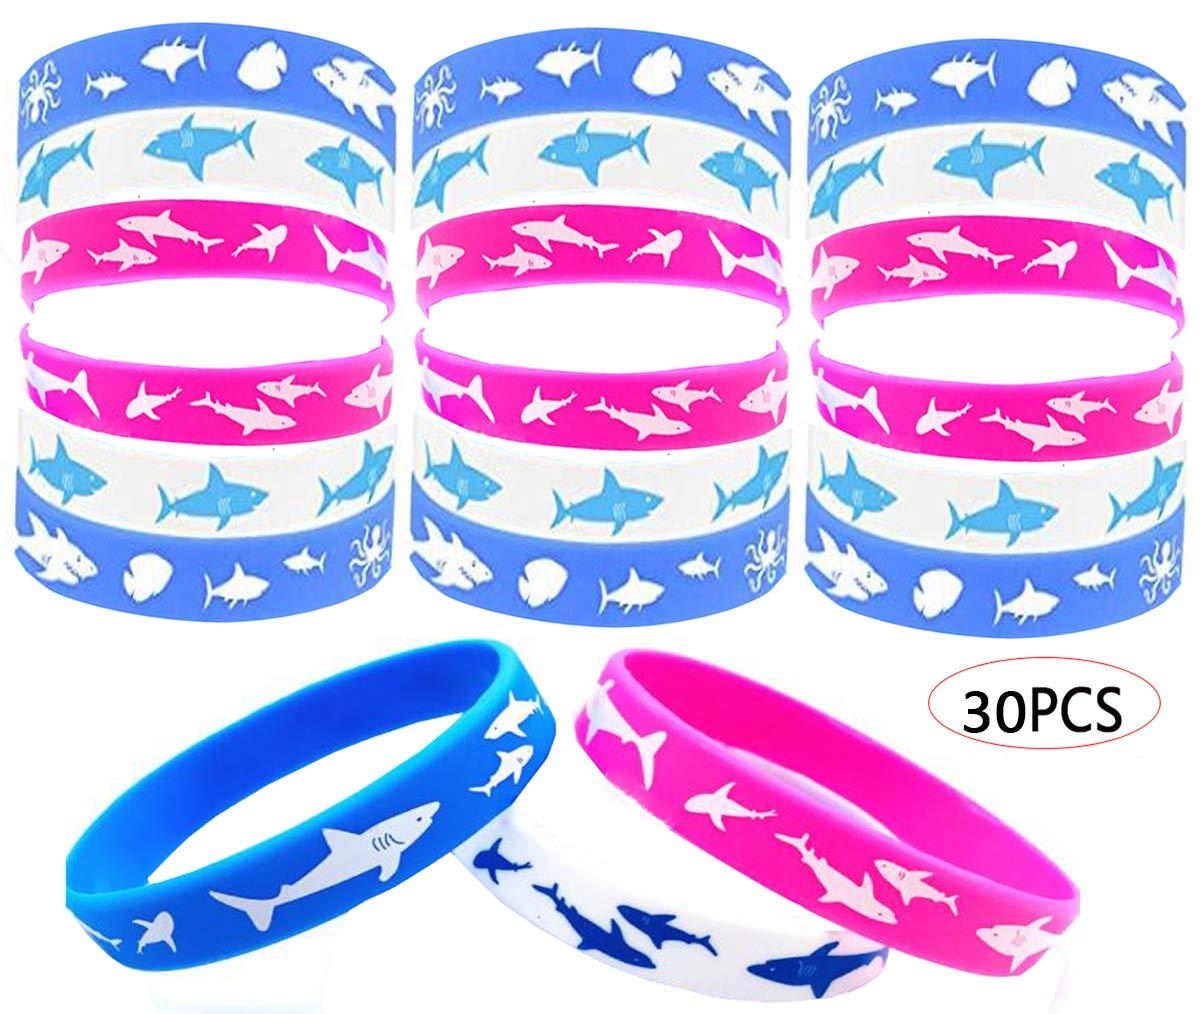 30PCS Shark Party Favors Shark Braccialetti in Silicone per Shark Festa di Compleanno Baby Shower Decorazione del Partito Biluer Festival degli Squali Bomboniere di Squalo Braccialetto in Gomma